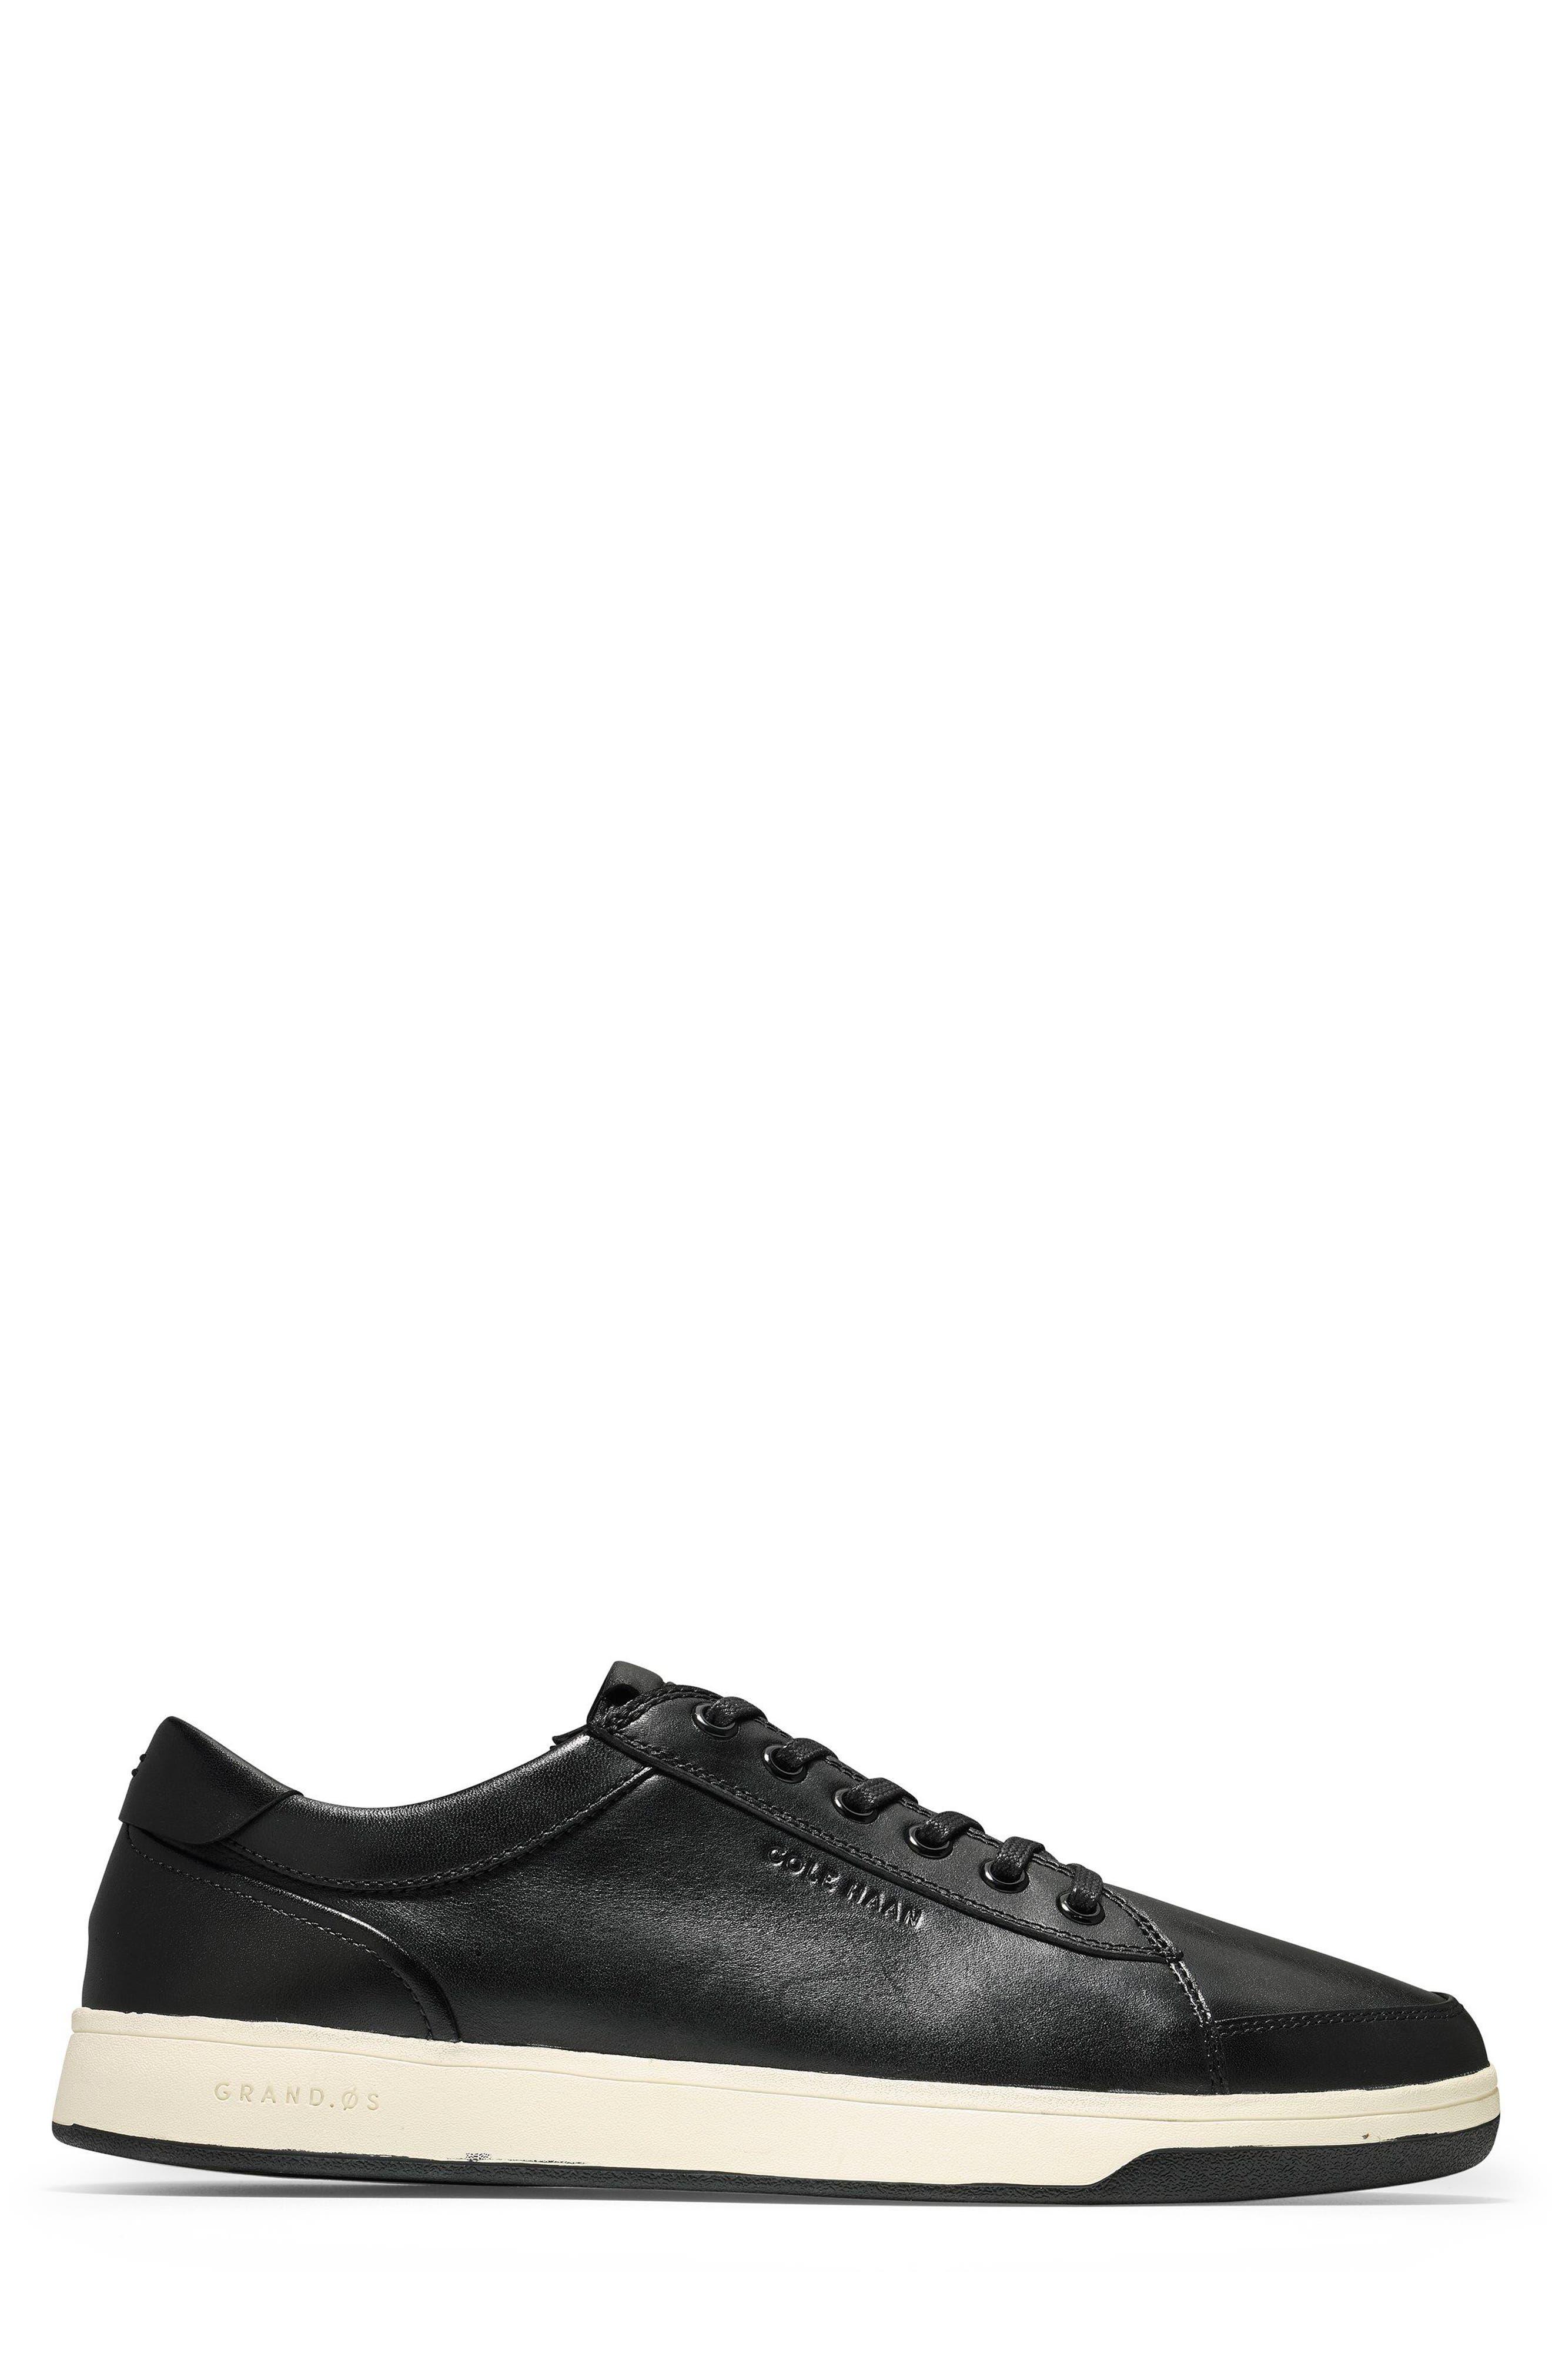 GrandPro Spectator Sneaker,                             Alternate thumbnail 3, color,                             001